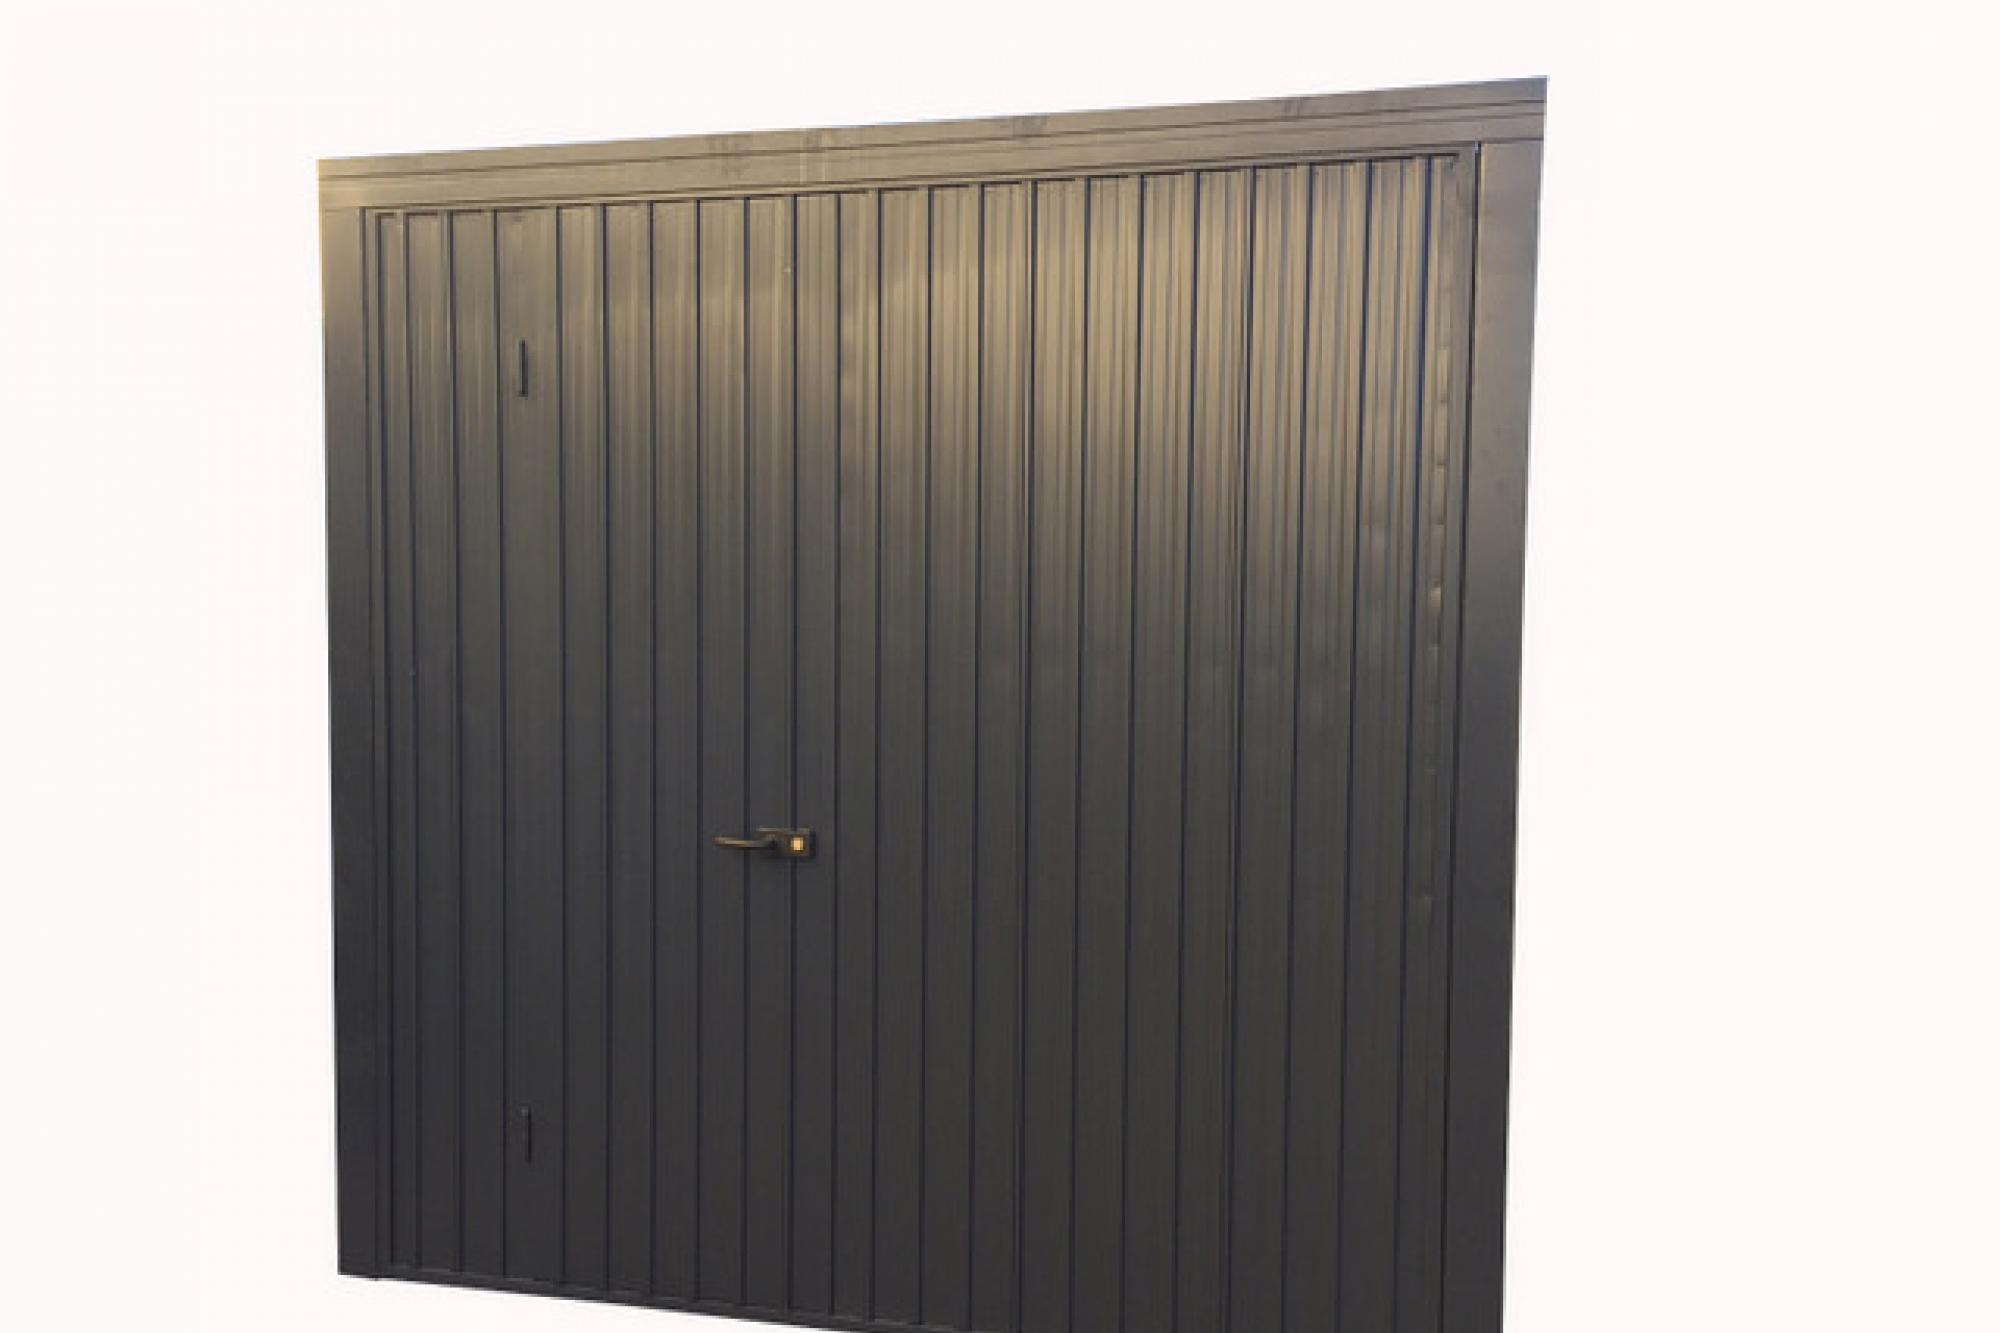 Offerta porta basculante doppia lamiera con interposto - Basculante con porta pedonale prezzo ...